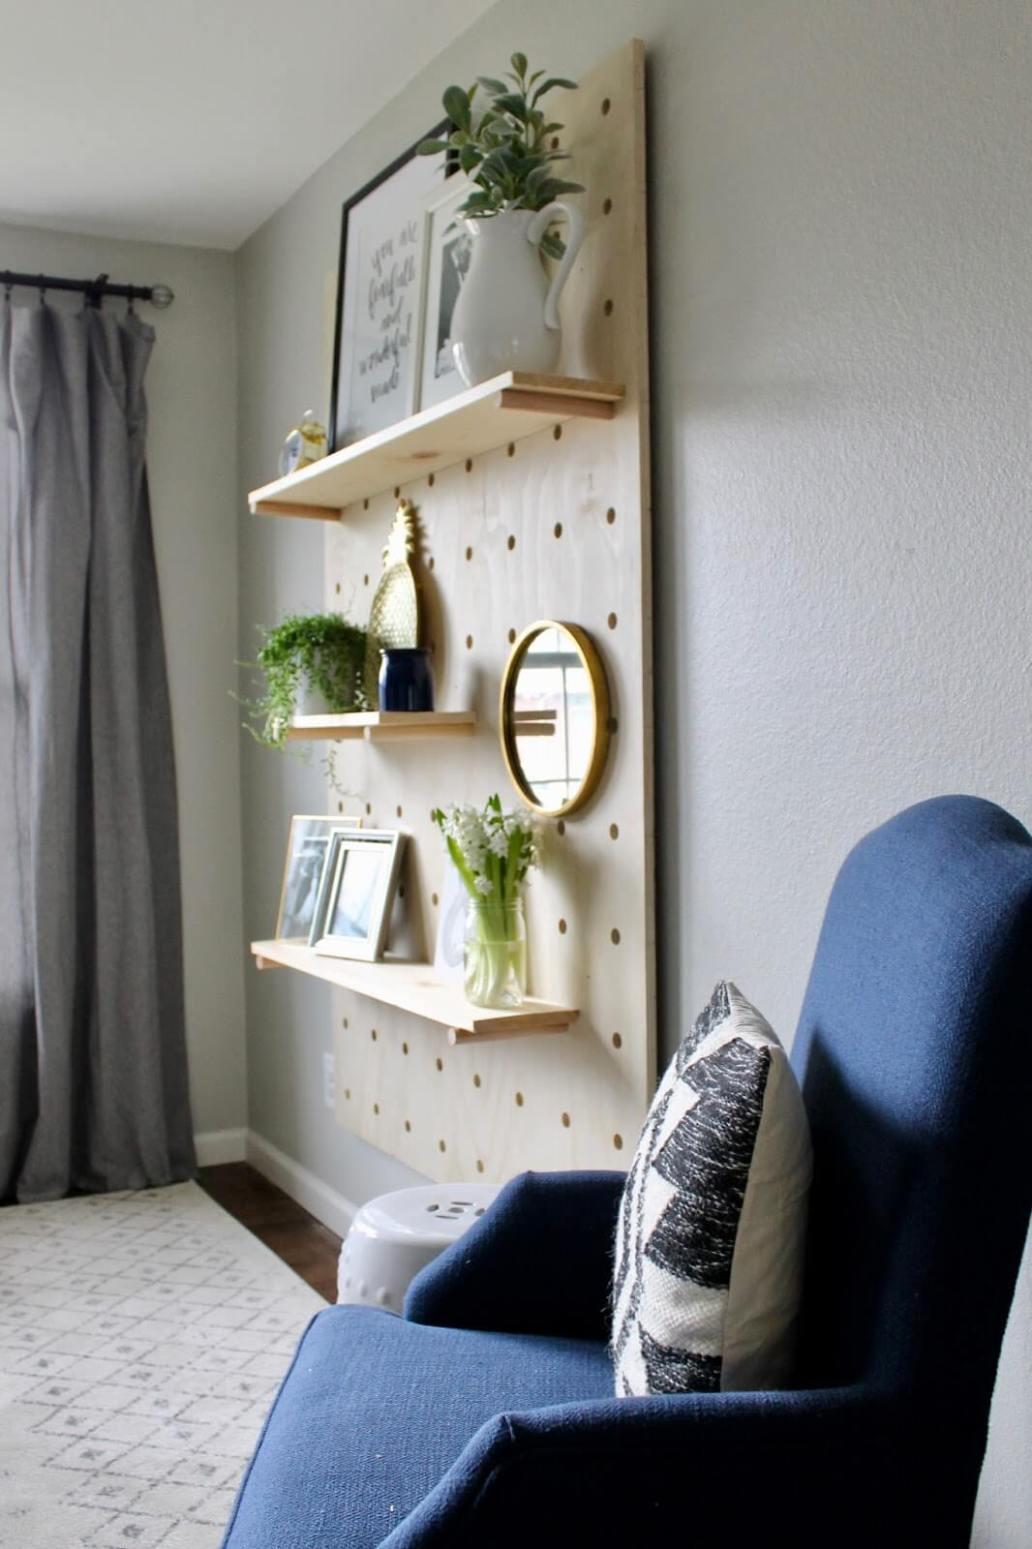 fullsizeoutput 1d8 - Inspiration déco : 16 façons d'embellir les murs du salon